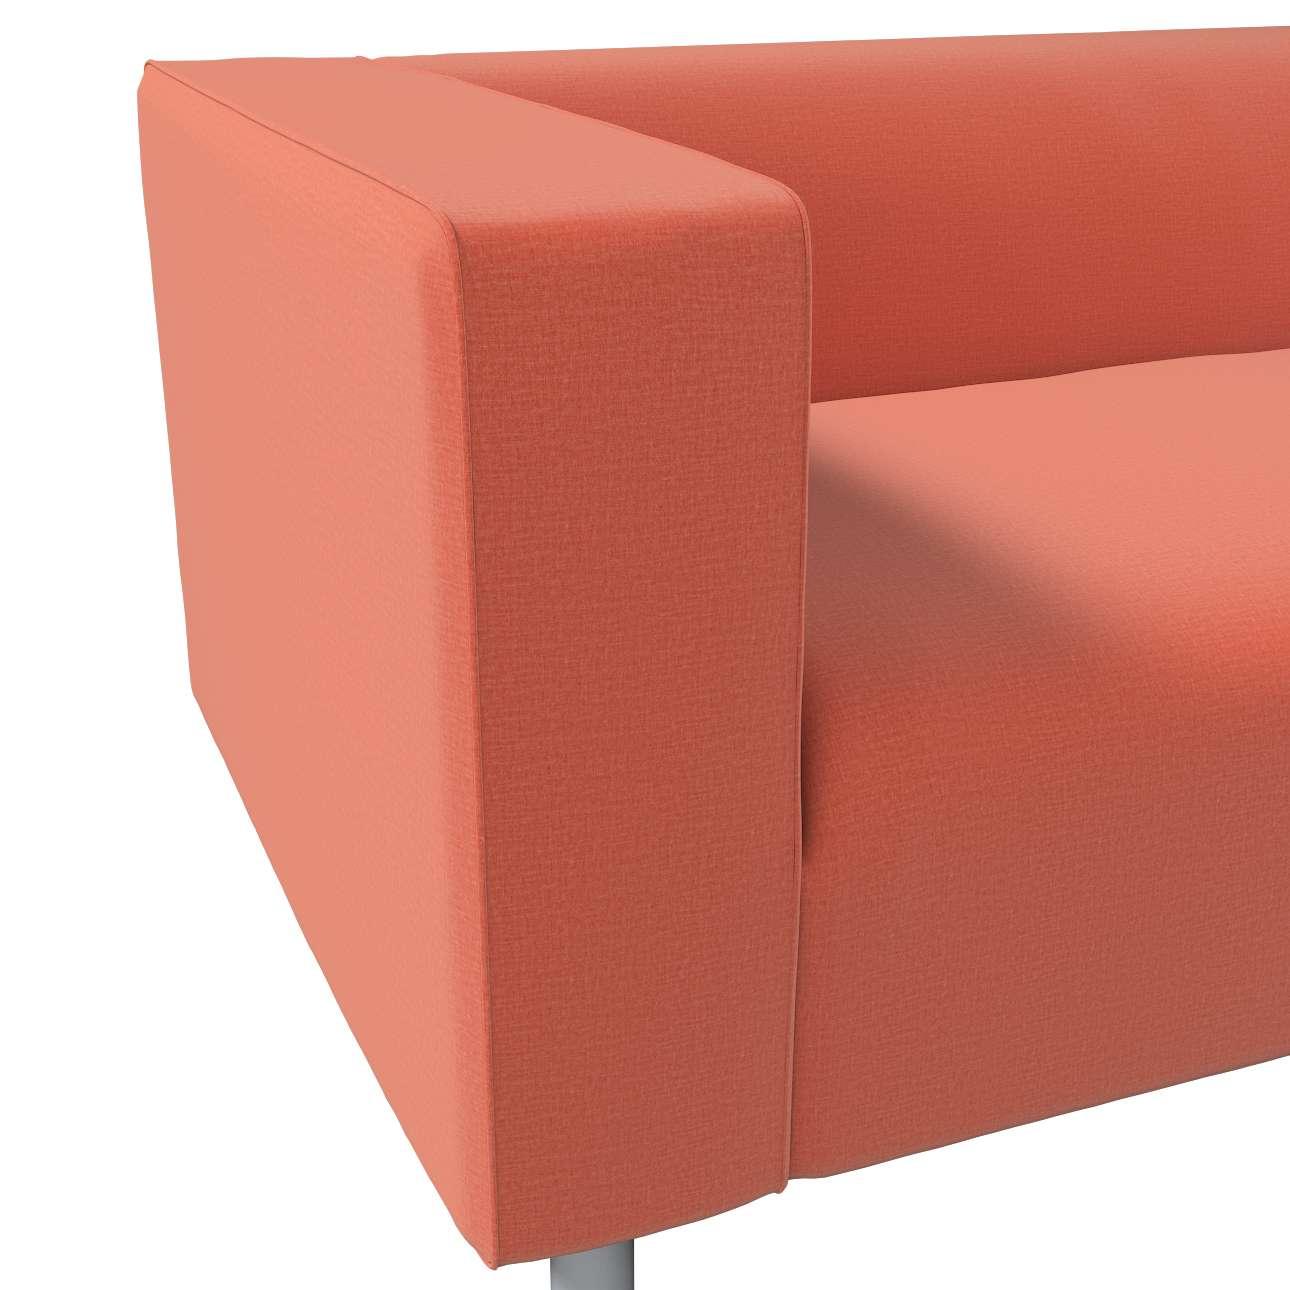 Pokrowiec na sofę Klippan 2-osobową w kolekcji Ingrid, tkanina: 705-37